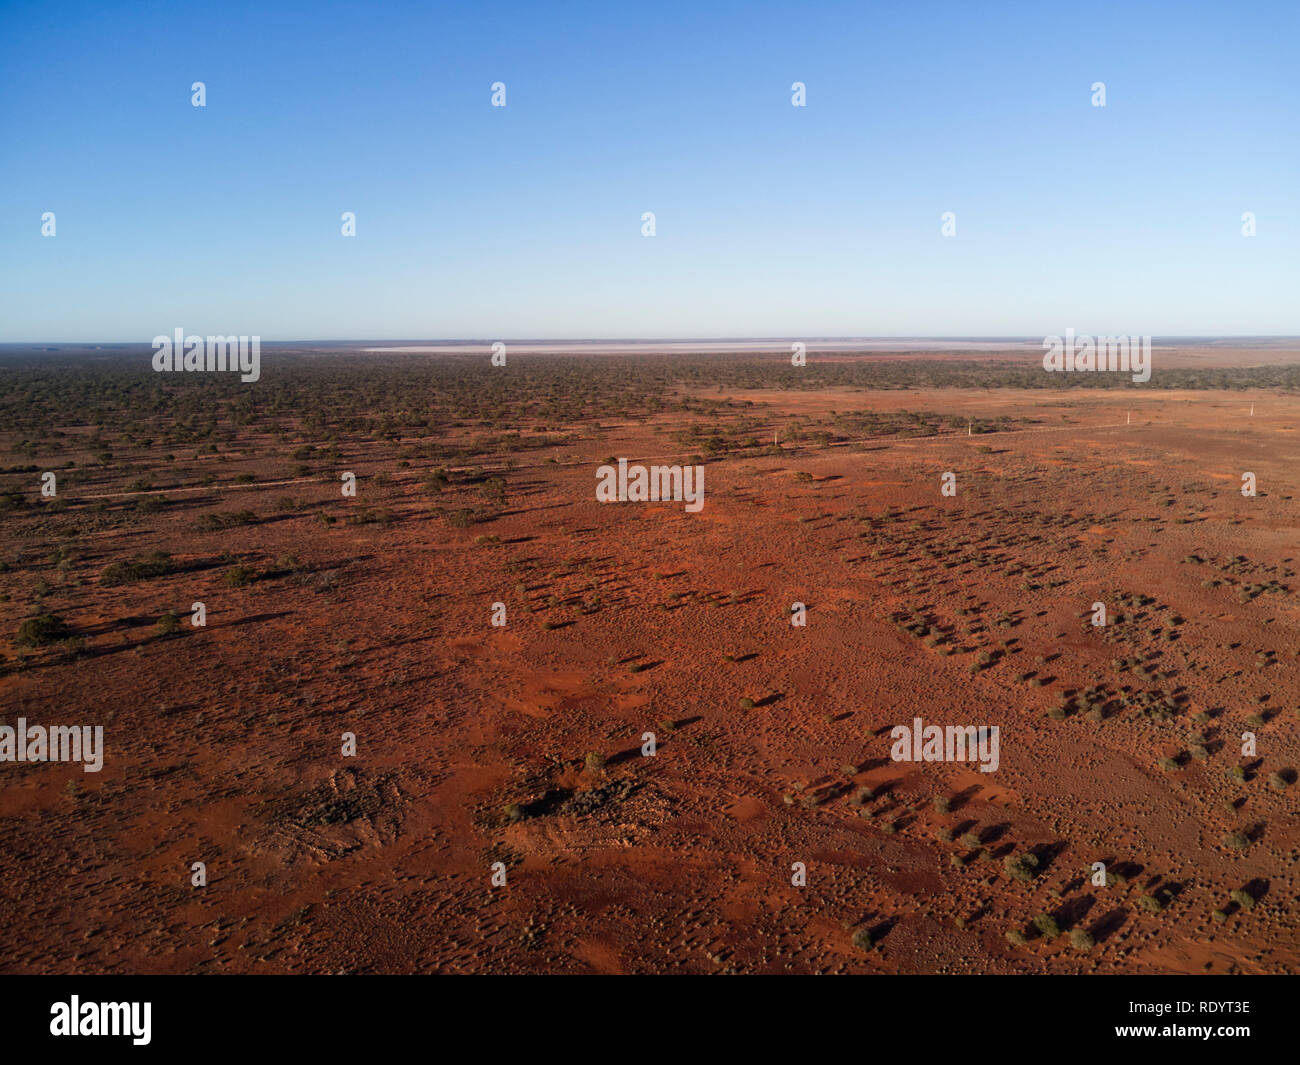 Aerial of the arid desert environment of South Australia - Stock Image